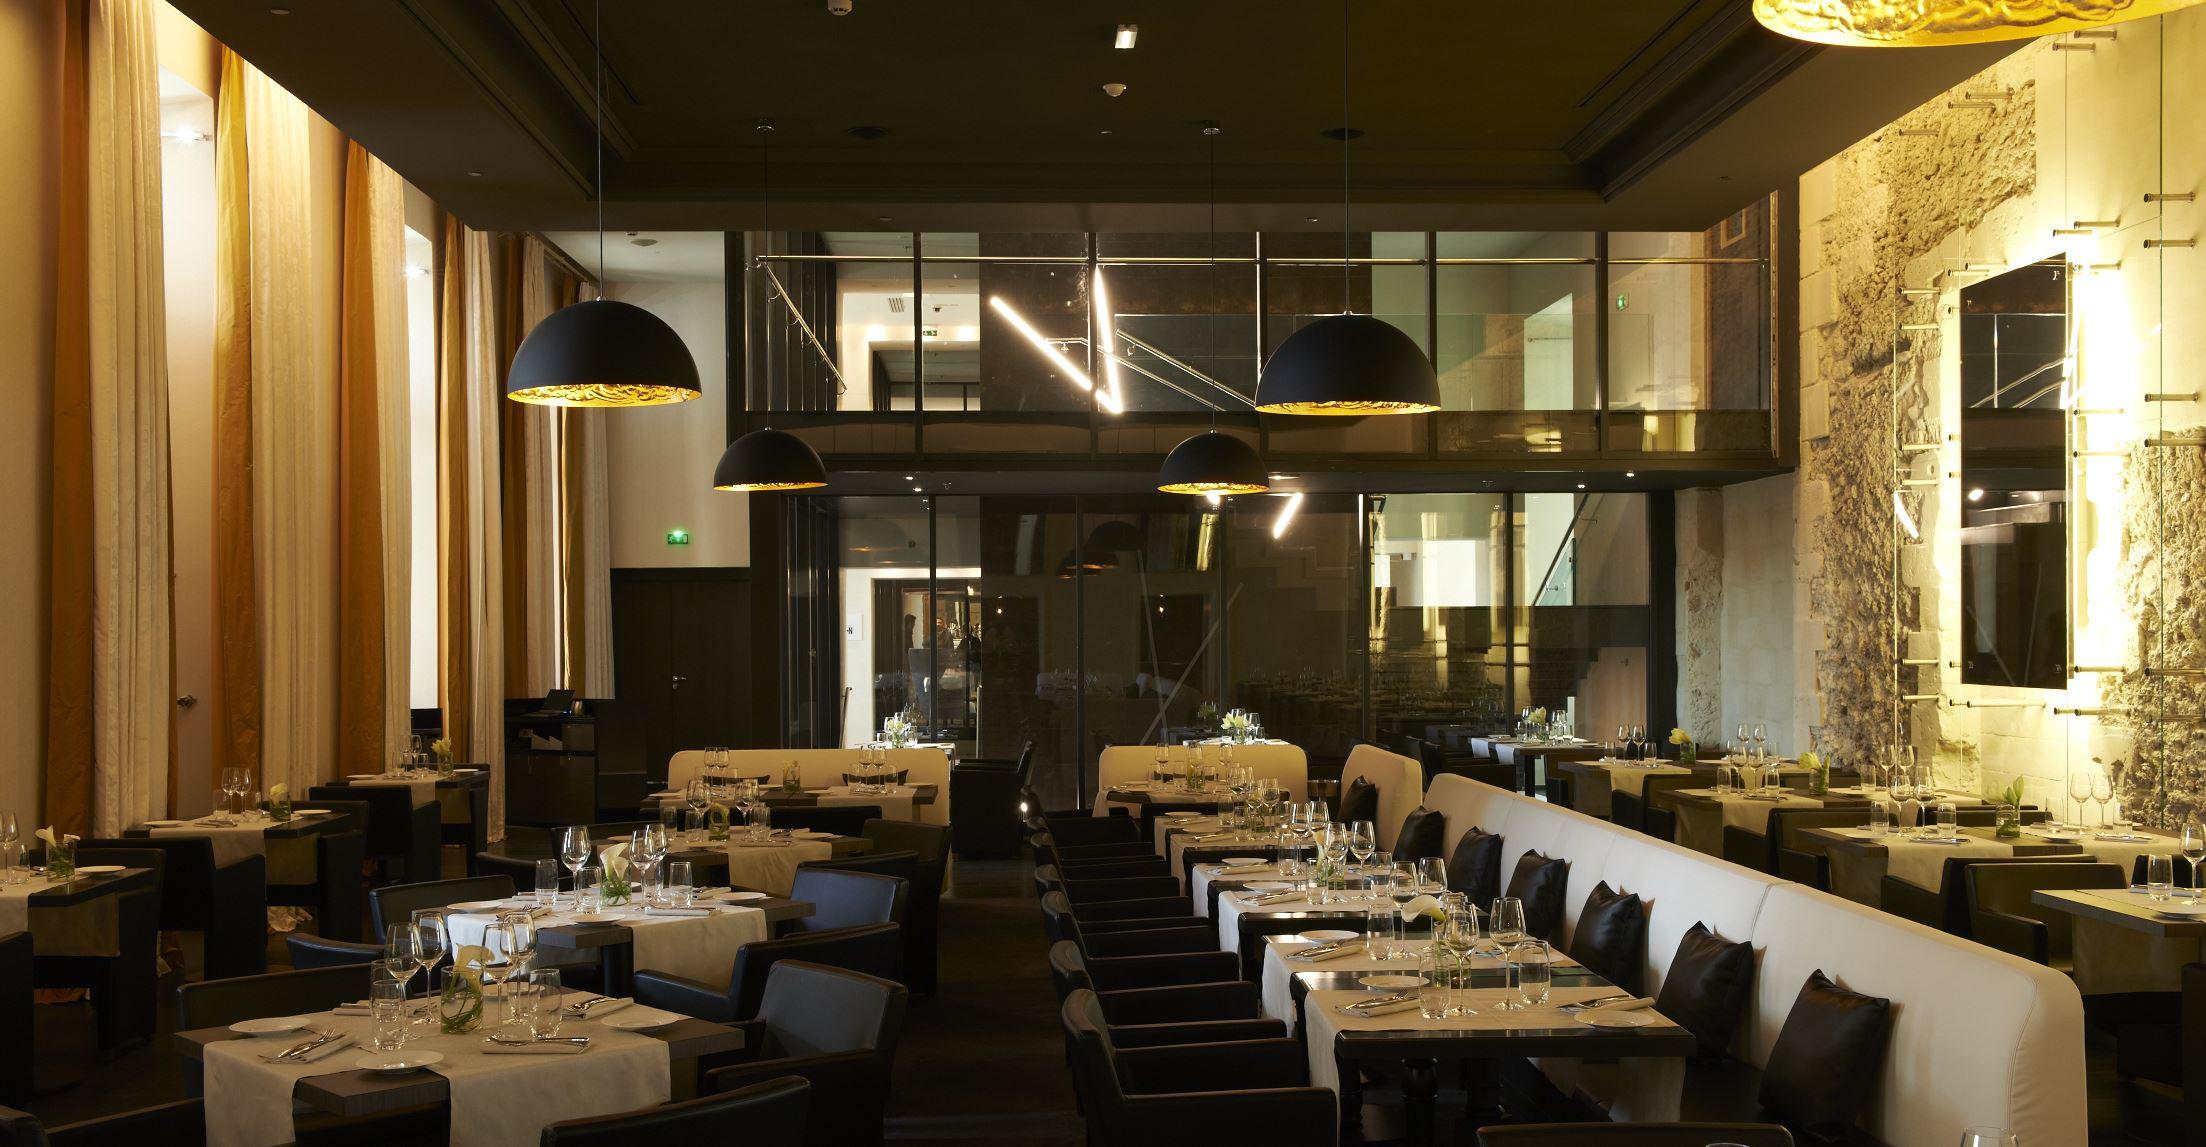 Intercontinental Marseille Hotel Dieu Accommodation Details